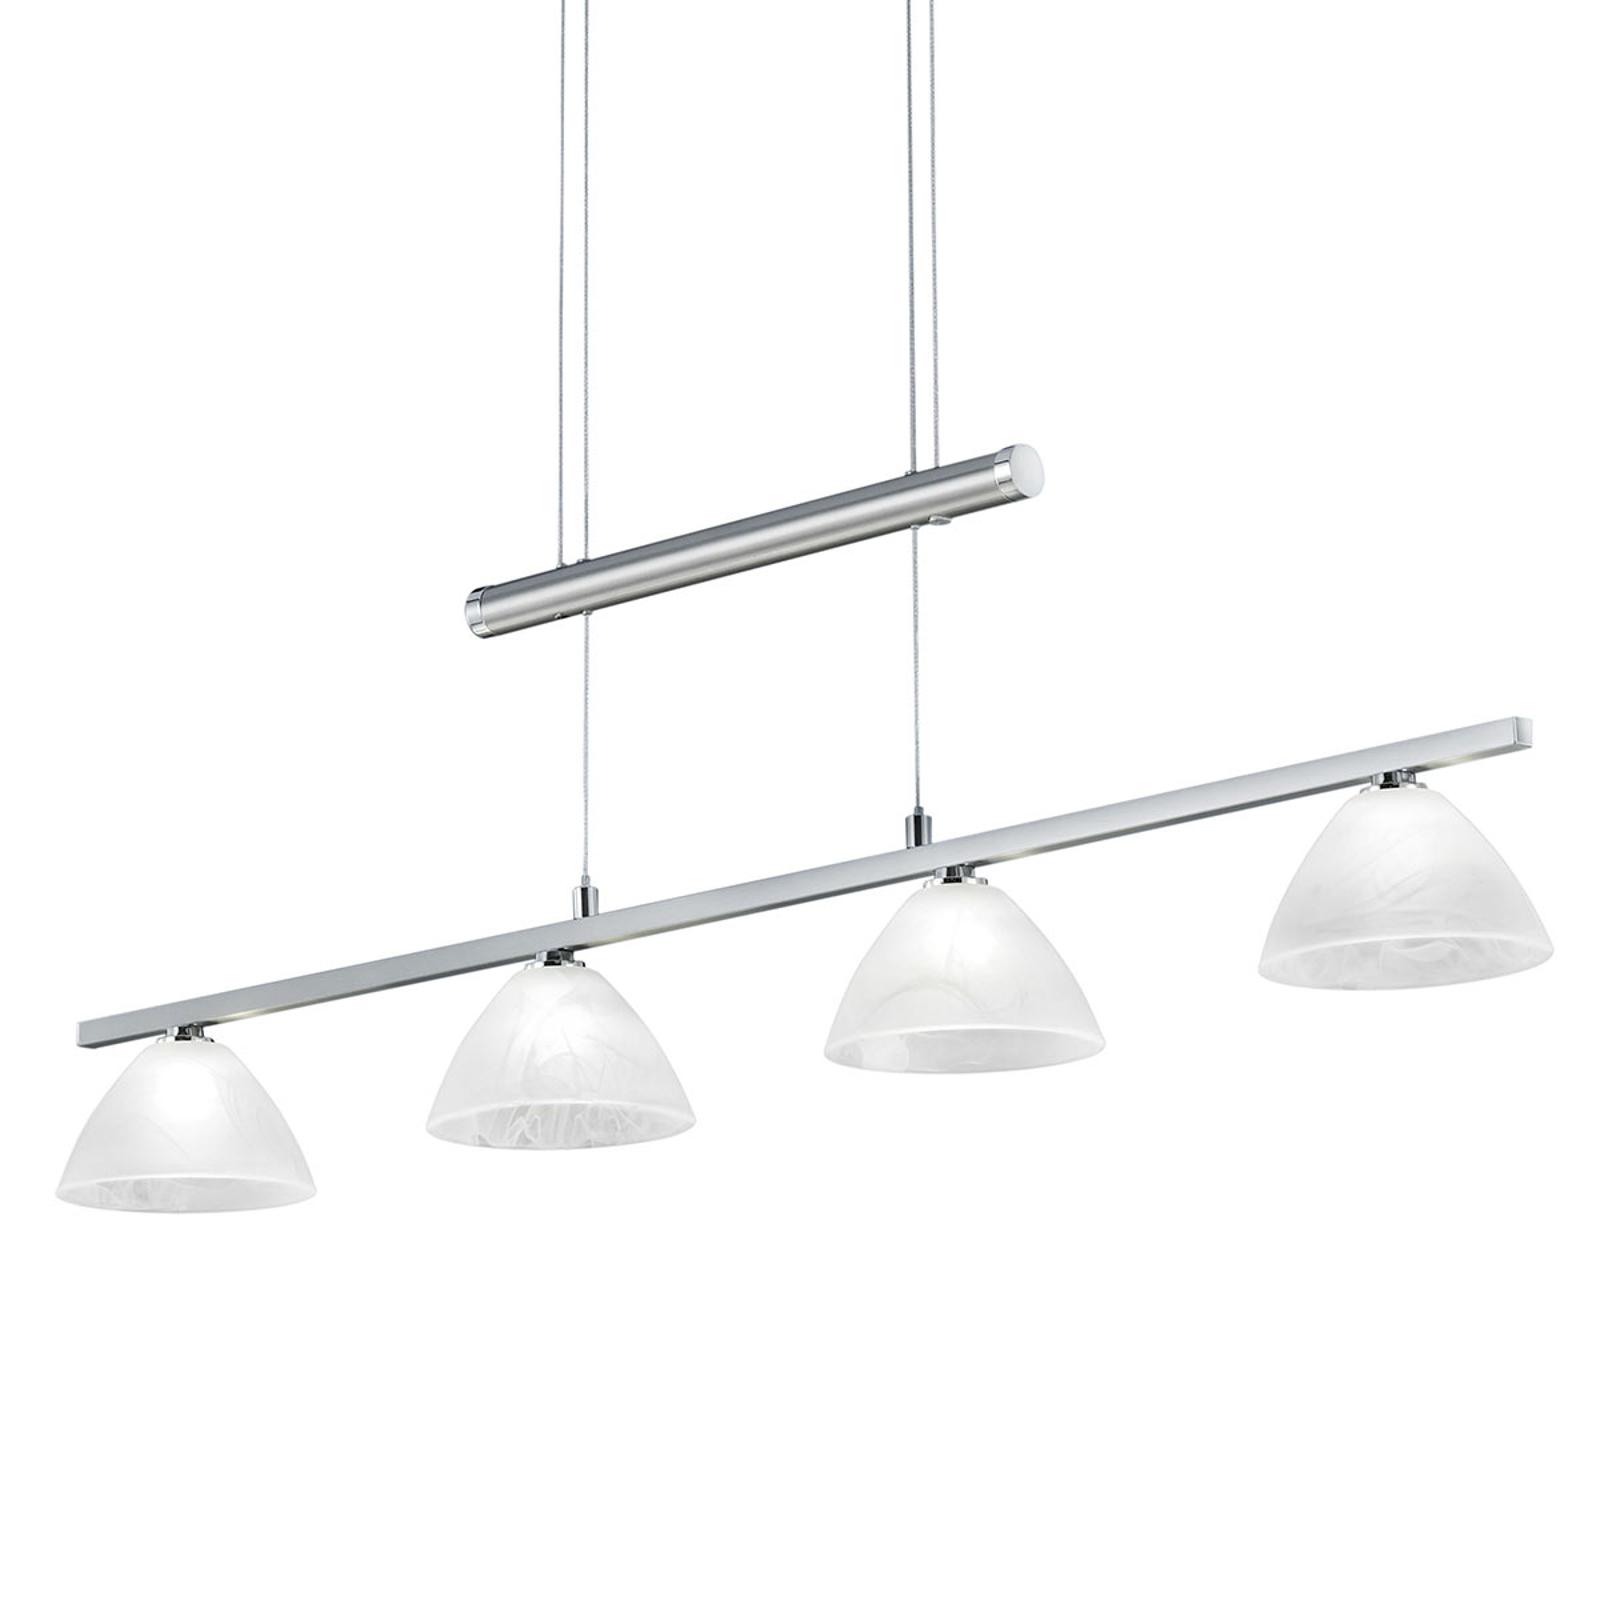 B-Leuchten Asti - verstelbare hanglamp nikkel